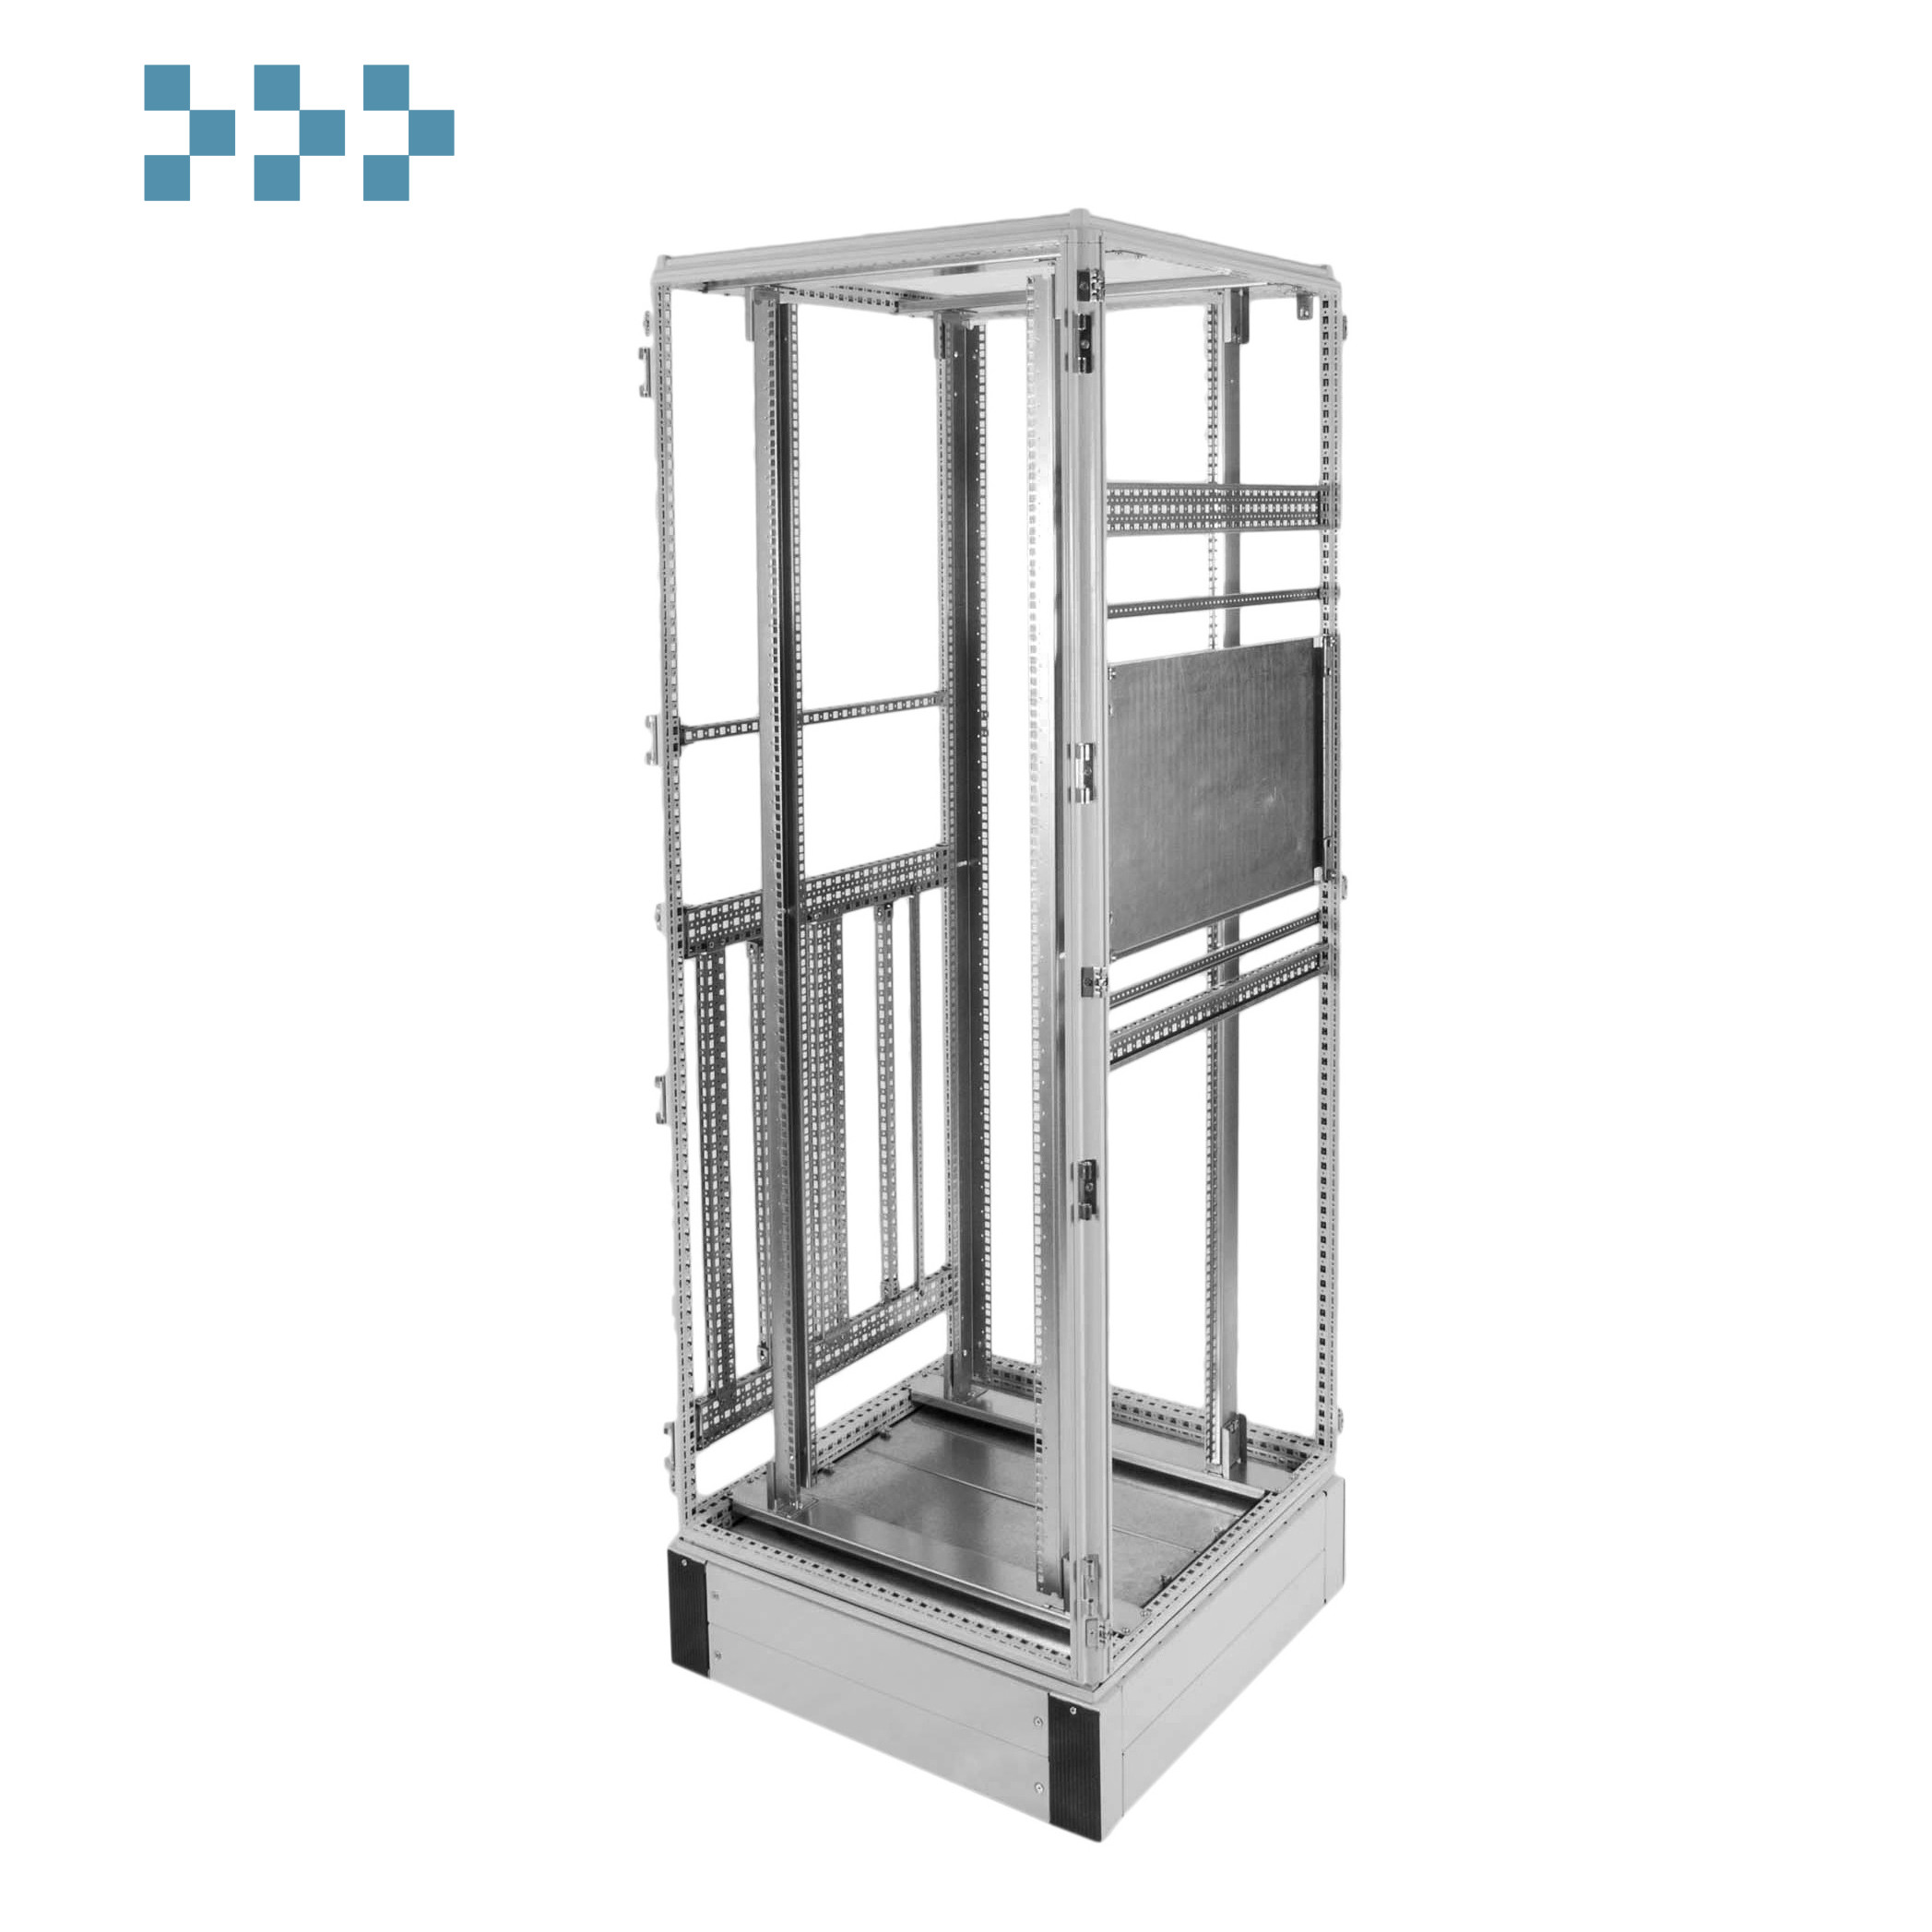 Панель монтажная перфорированная Elbox EMS-SMP-1100.400